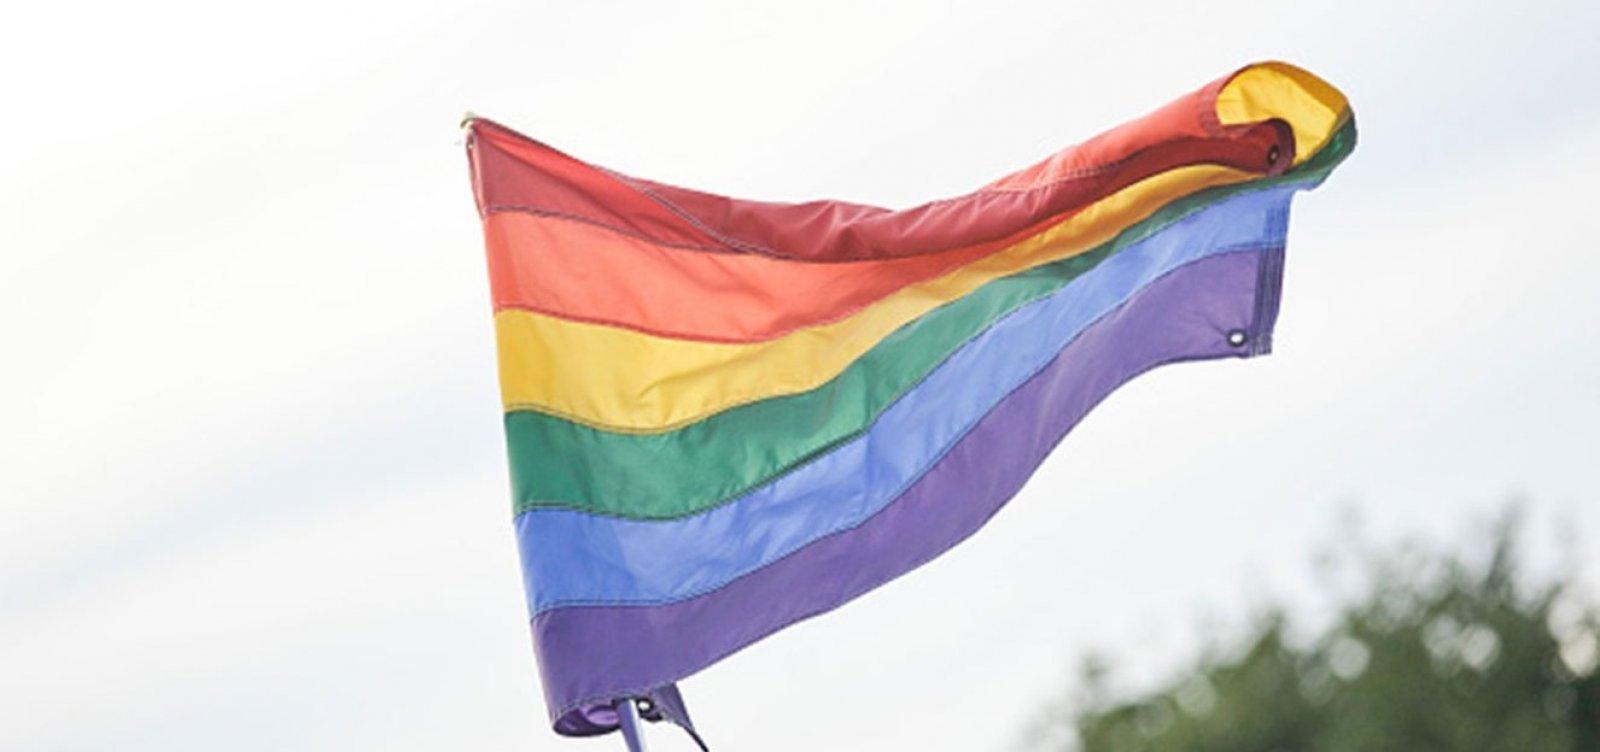 Escócia torna obrigatório ensino sobre pessoas LGBT+ nas escolas públicas